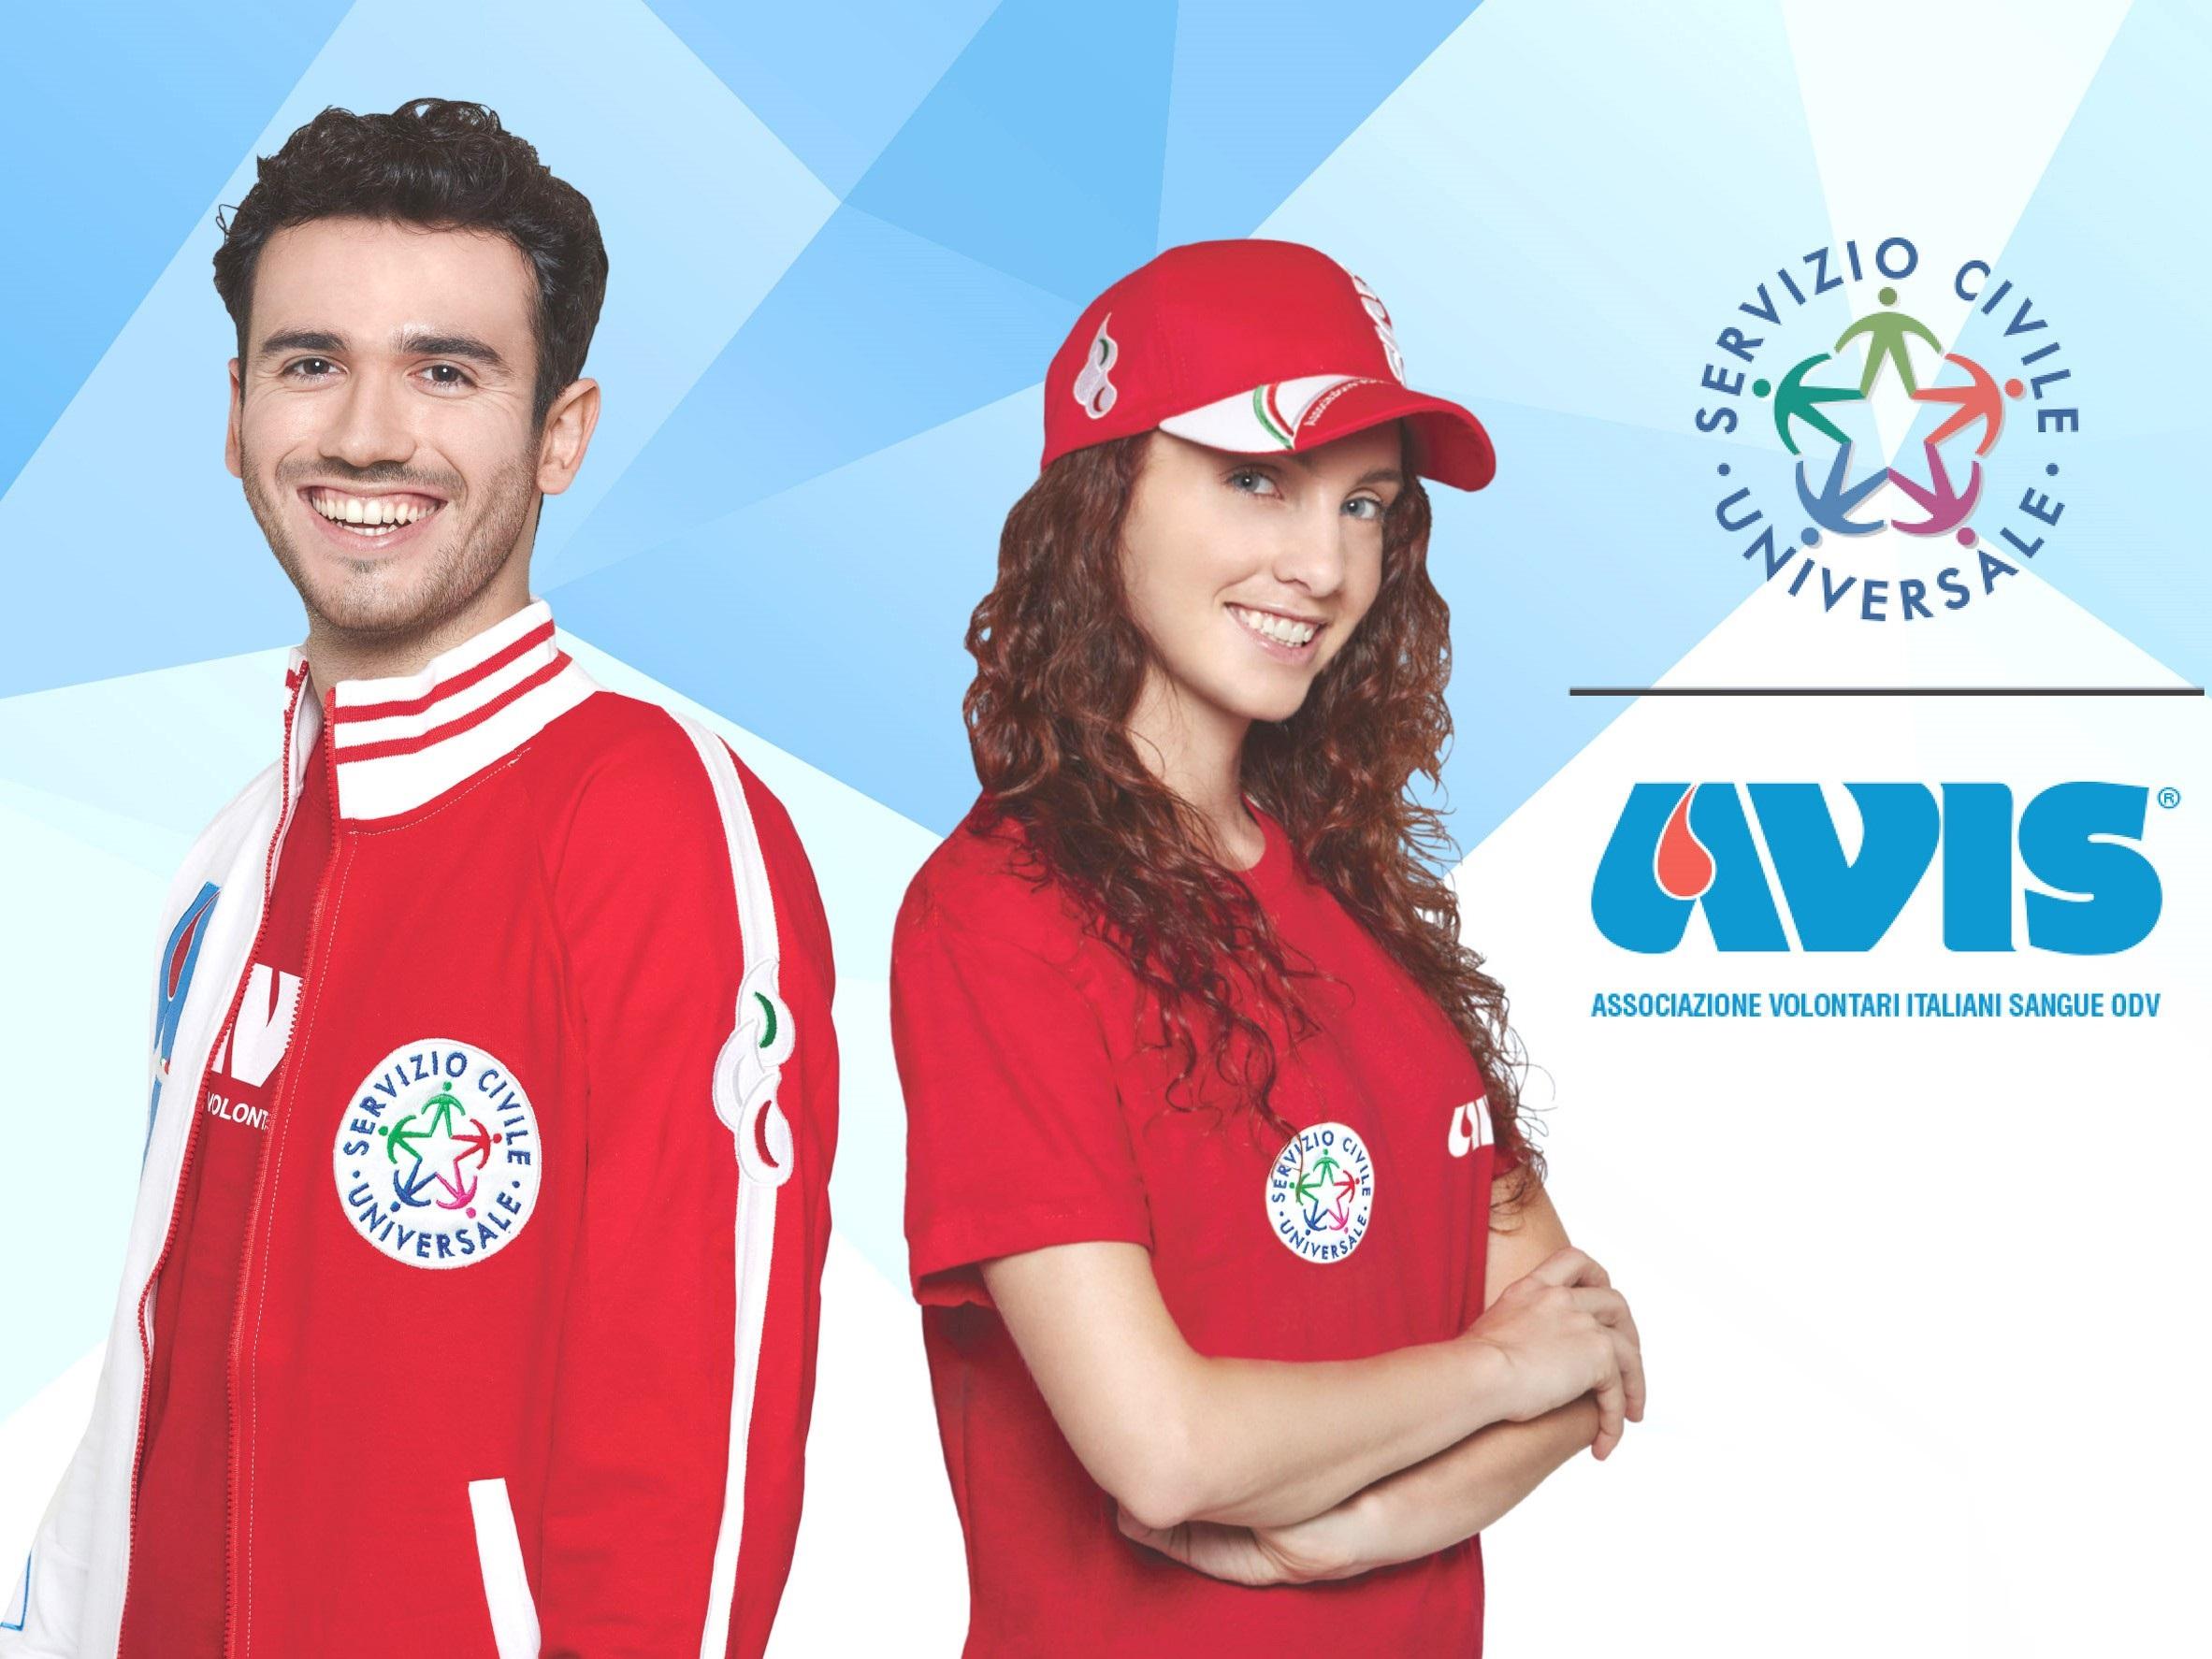 Servizio Civile presso AVIS Pavia